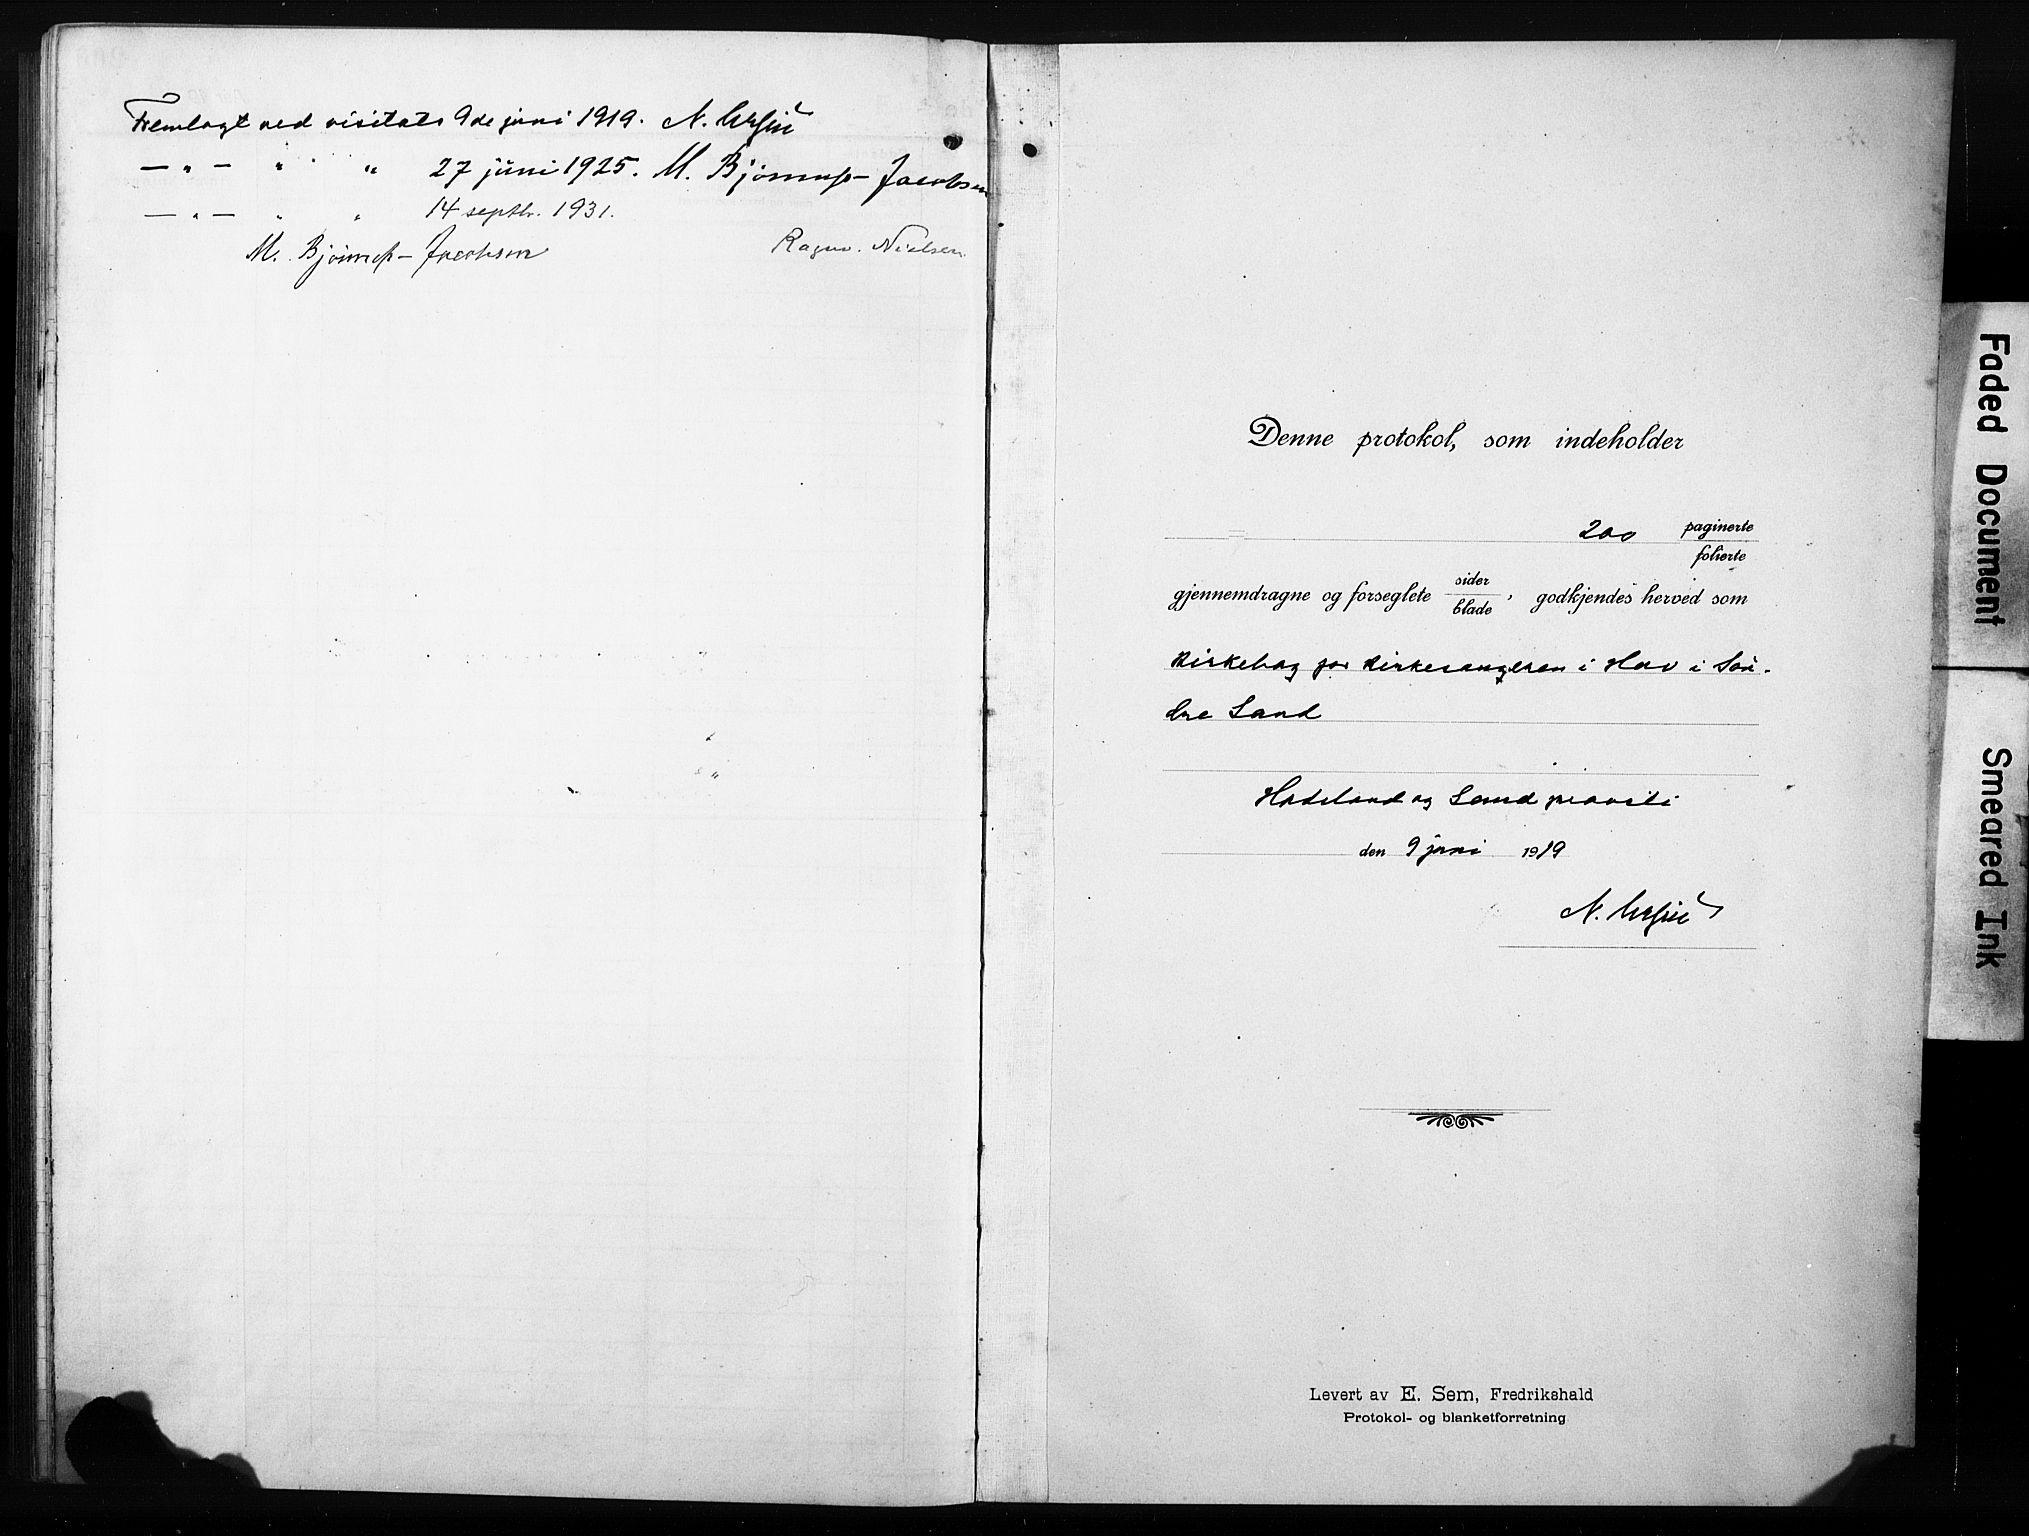 SAH, Søndre Land prestekontor, L/L0007: Klokkerbok nr. 7, 1915-1932